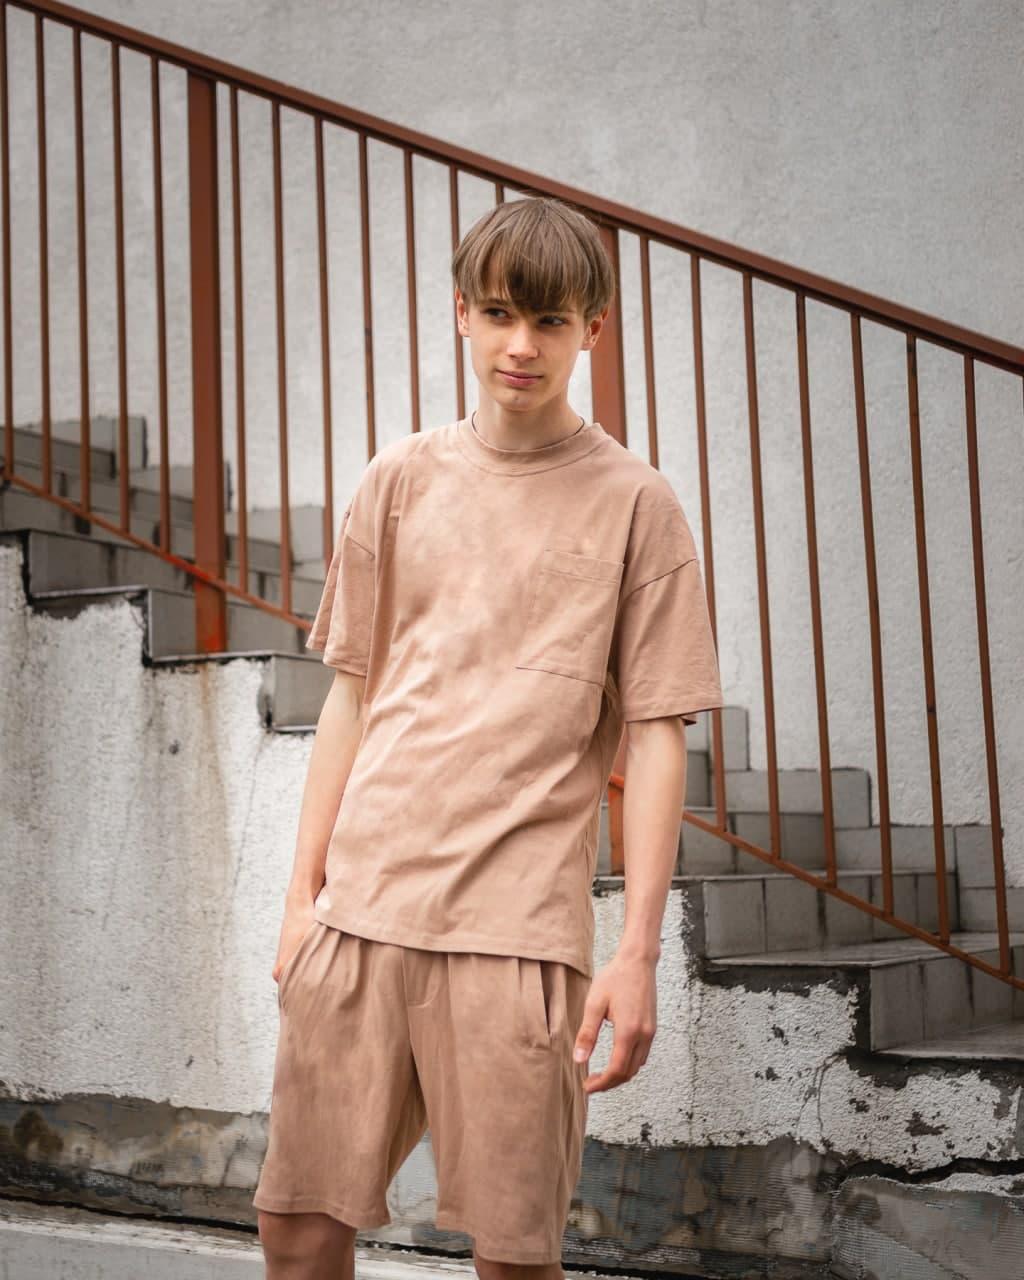 Летний комплект мужской бежевого цвета шорты + футболка